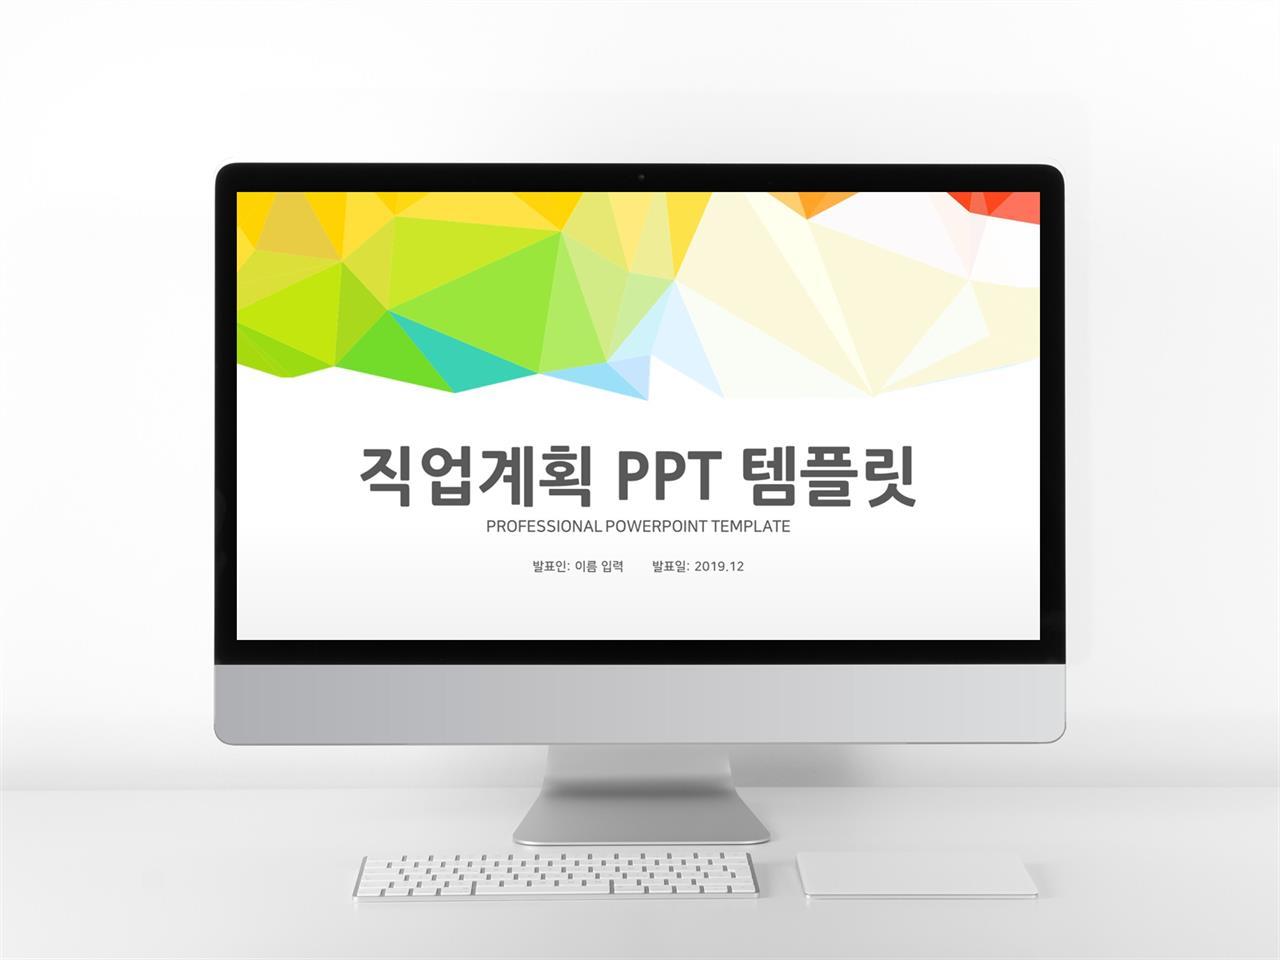 업무일지 컬러 귀여운 고급스럽운 POWERPOINT배경 사이트 미리보기